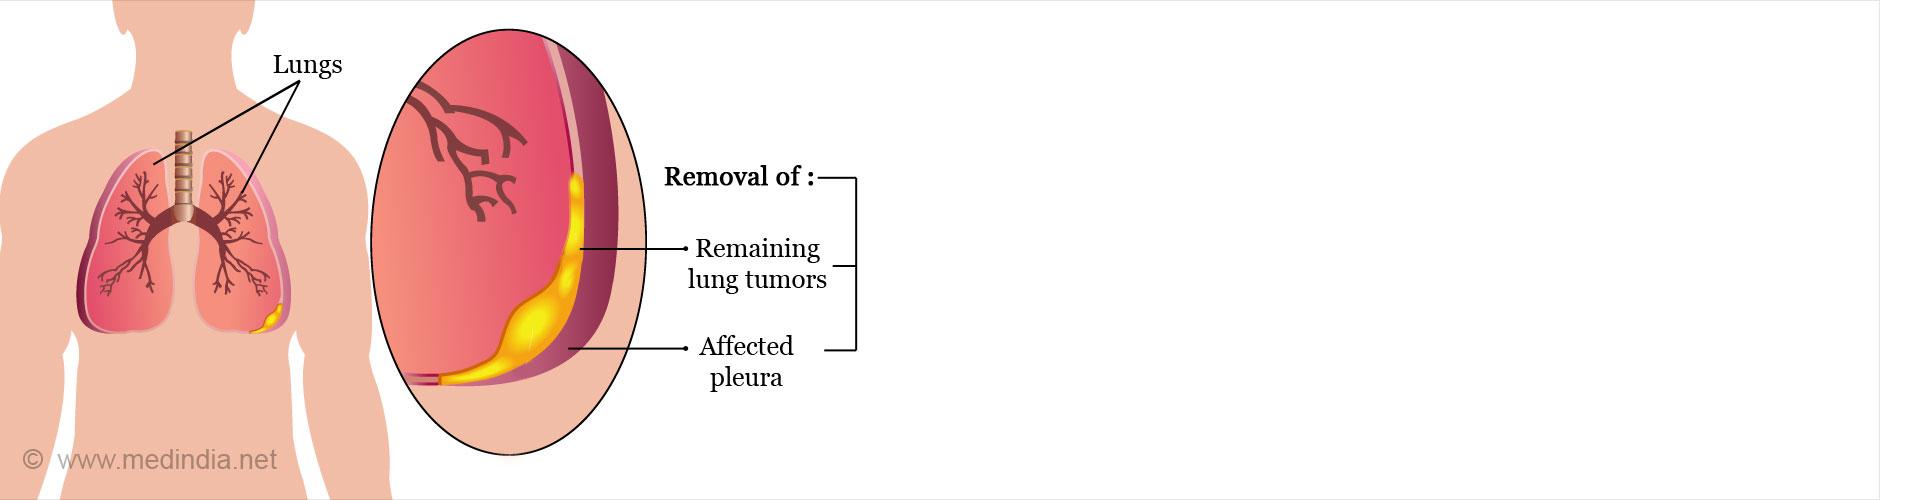 Pleurectomy